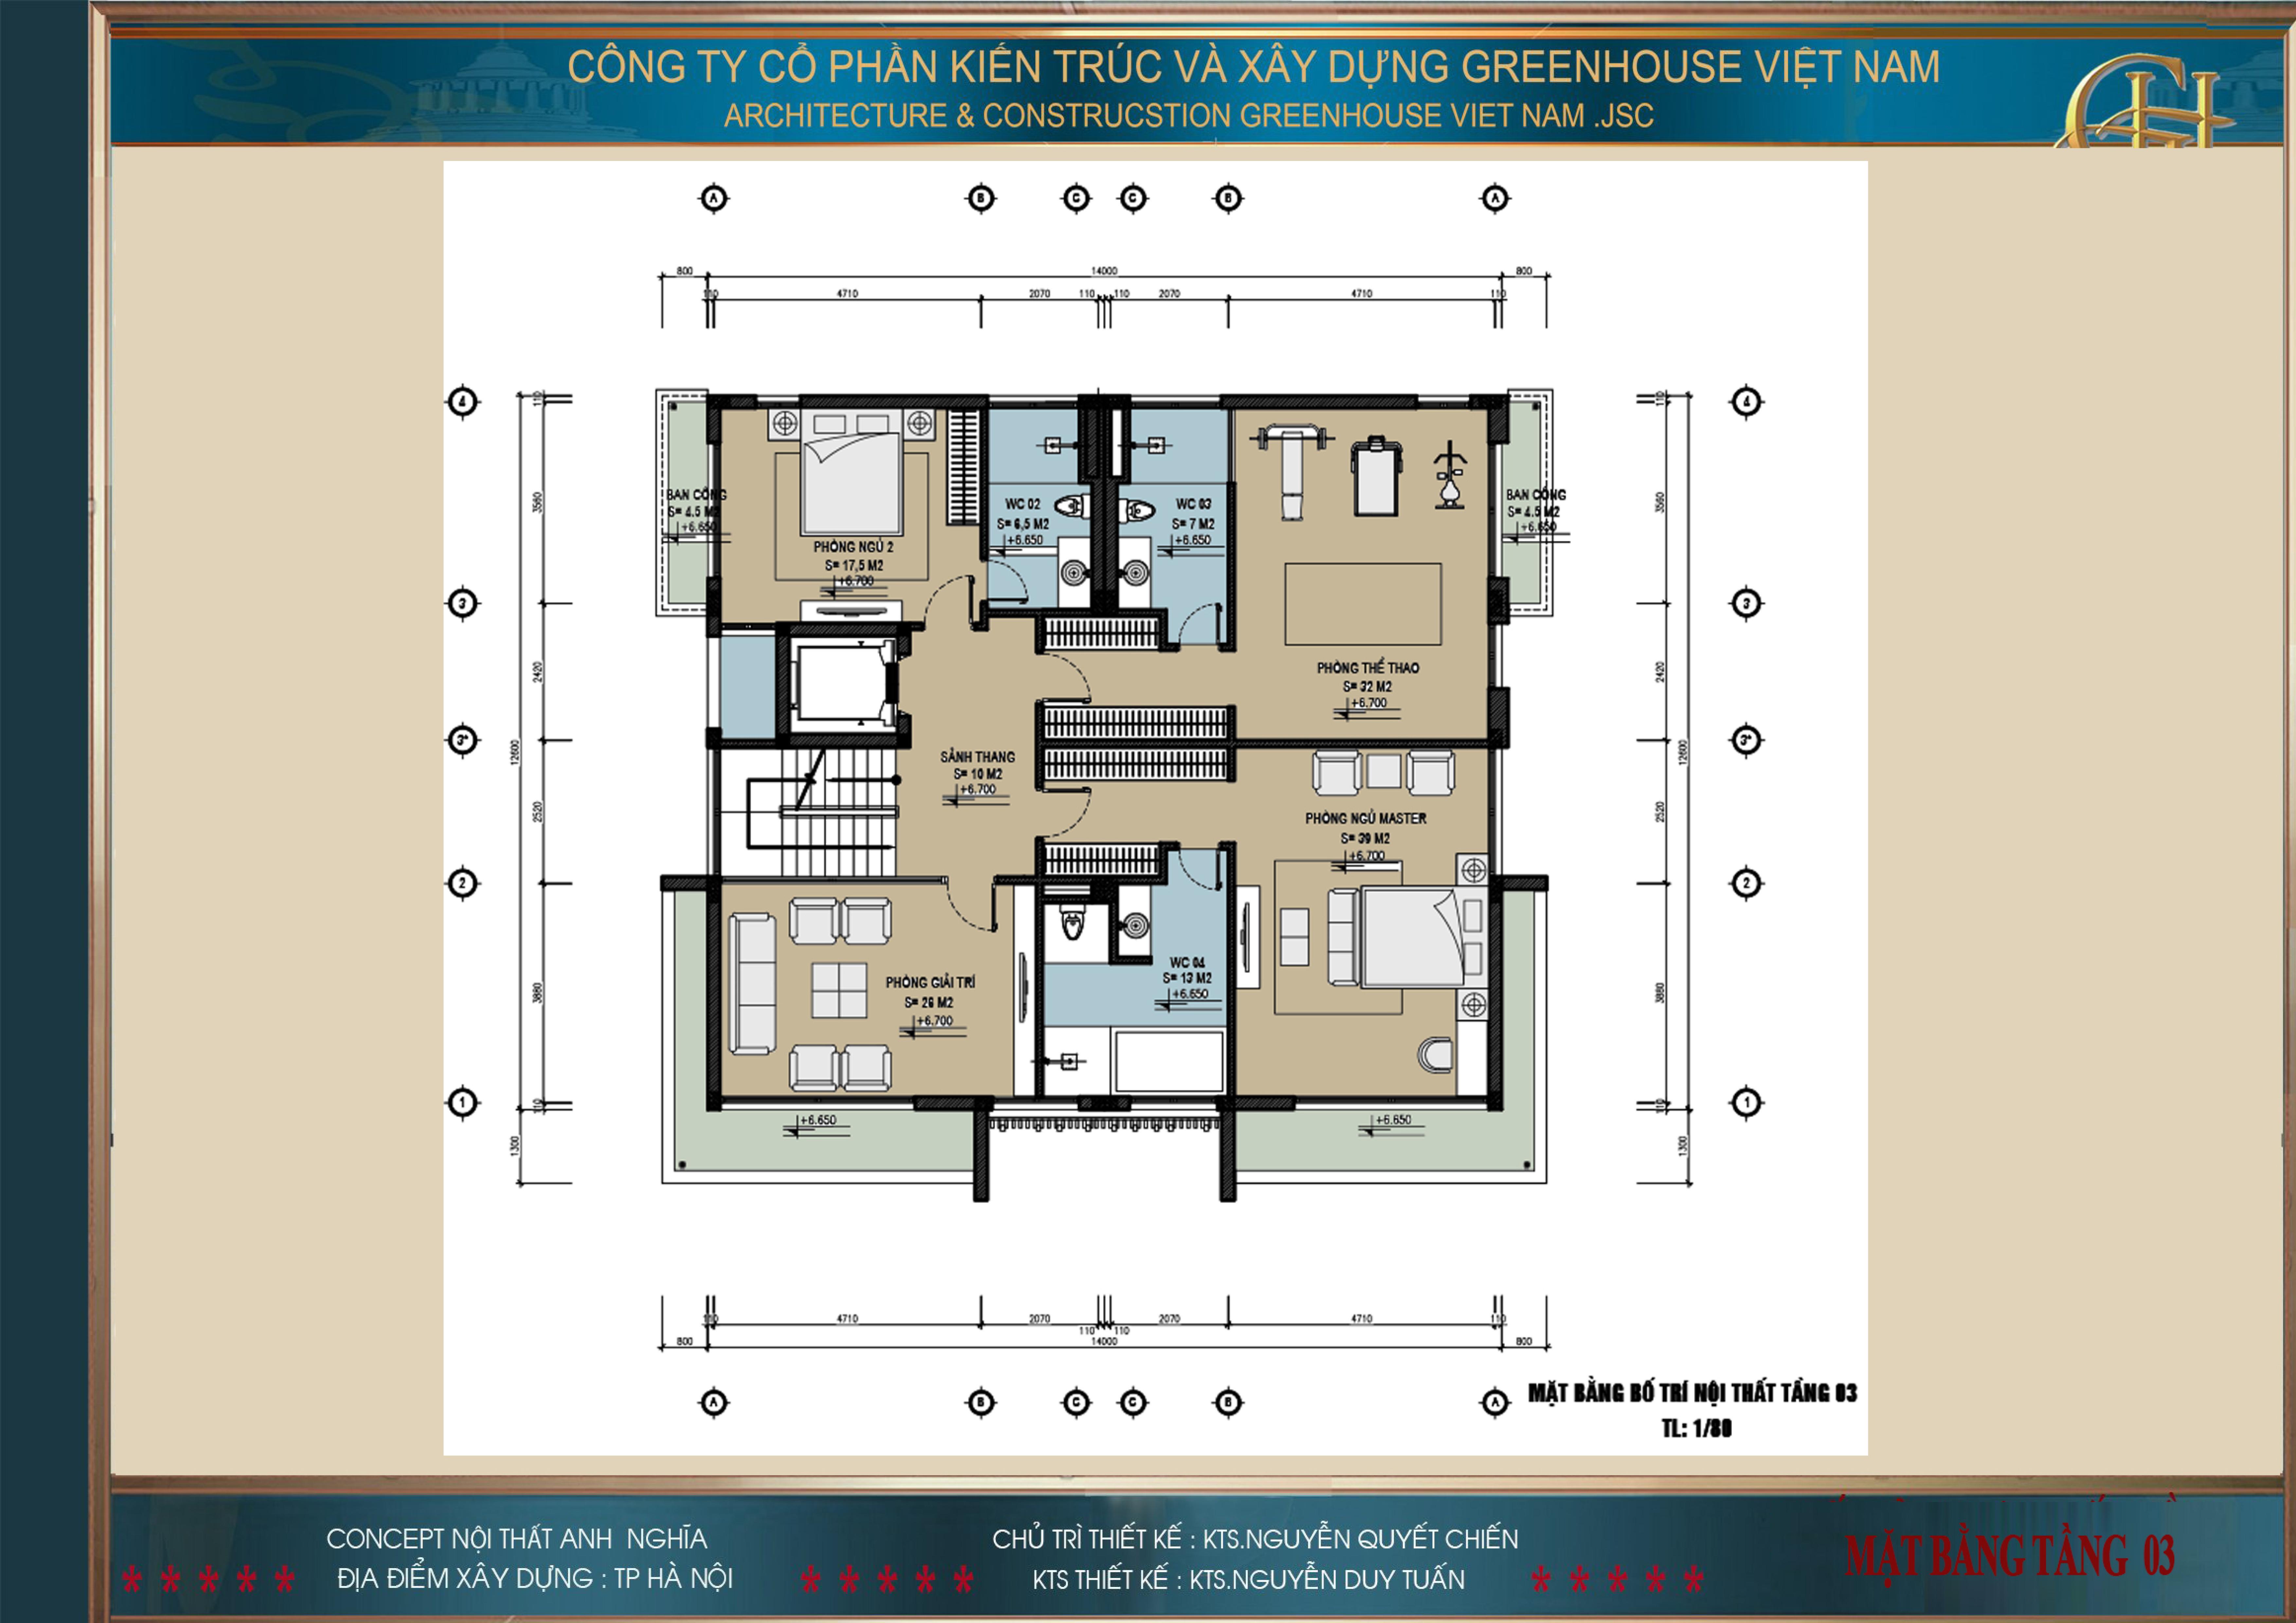 Mặt bằng công năng sử dụng của tầng 3 biệt thự hiện đại 3 tầng